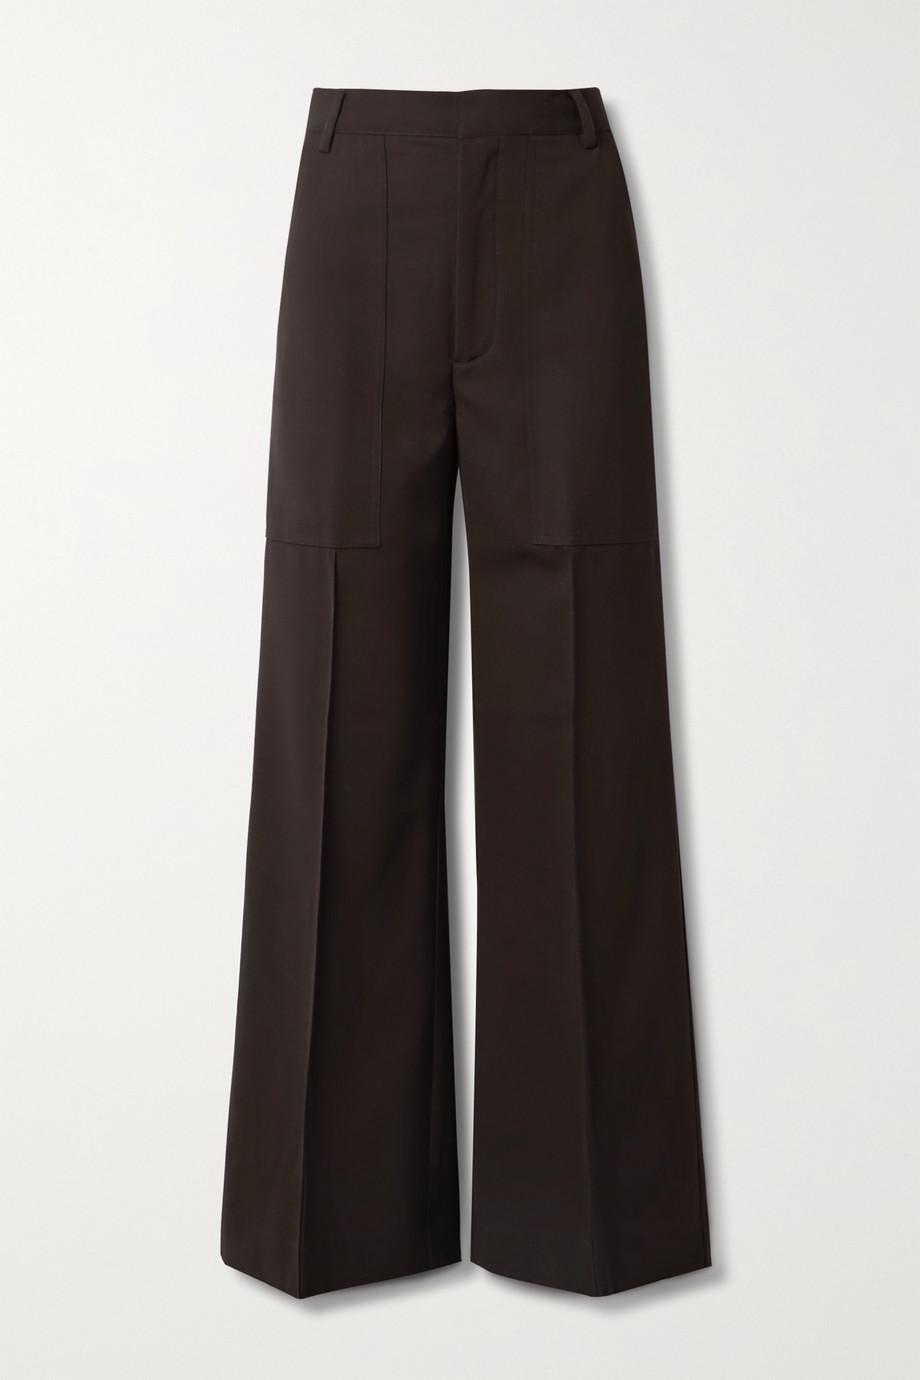 Co Twill wide-leg pants